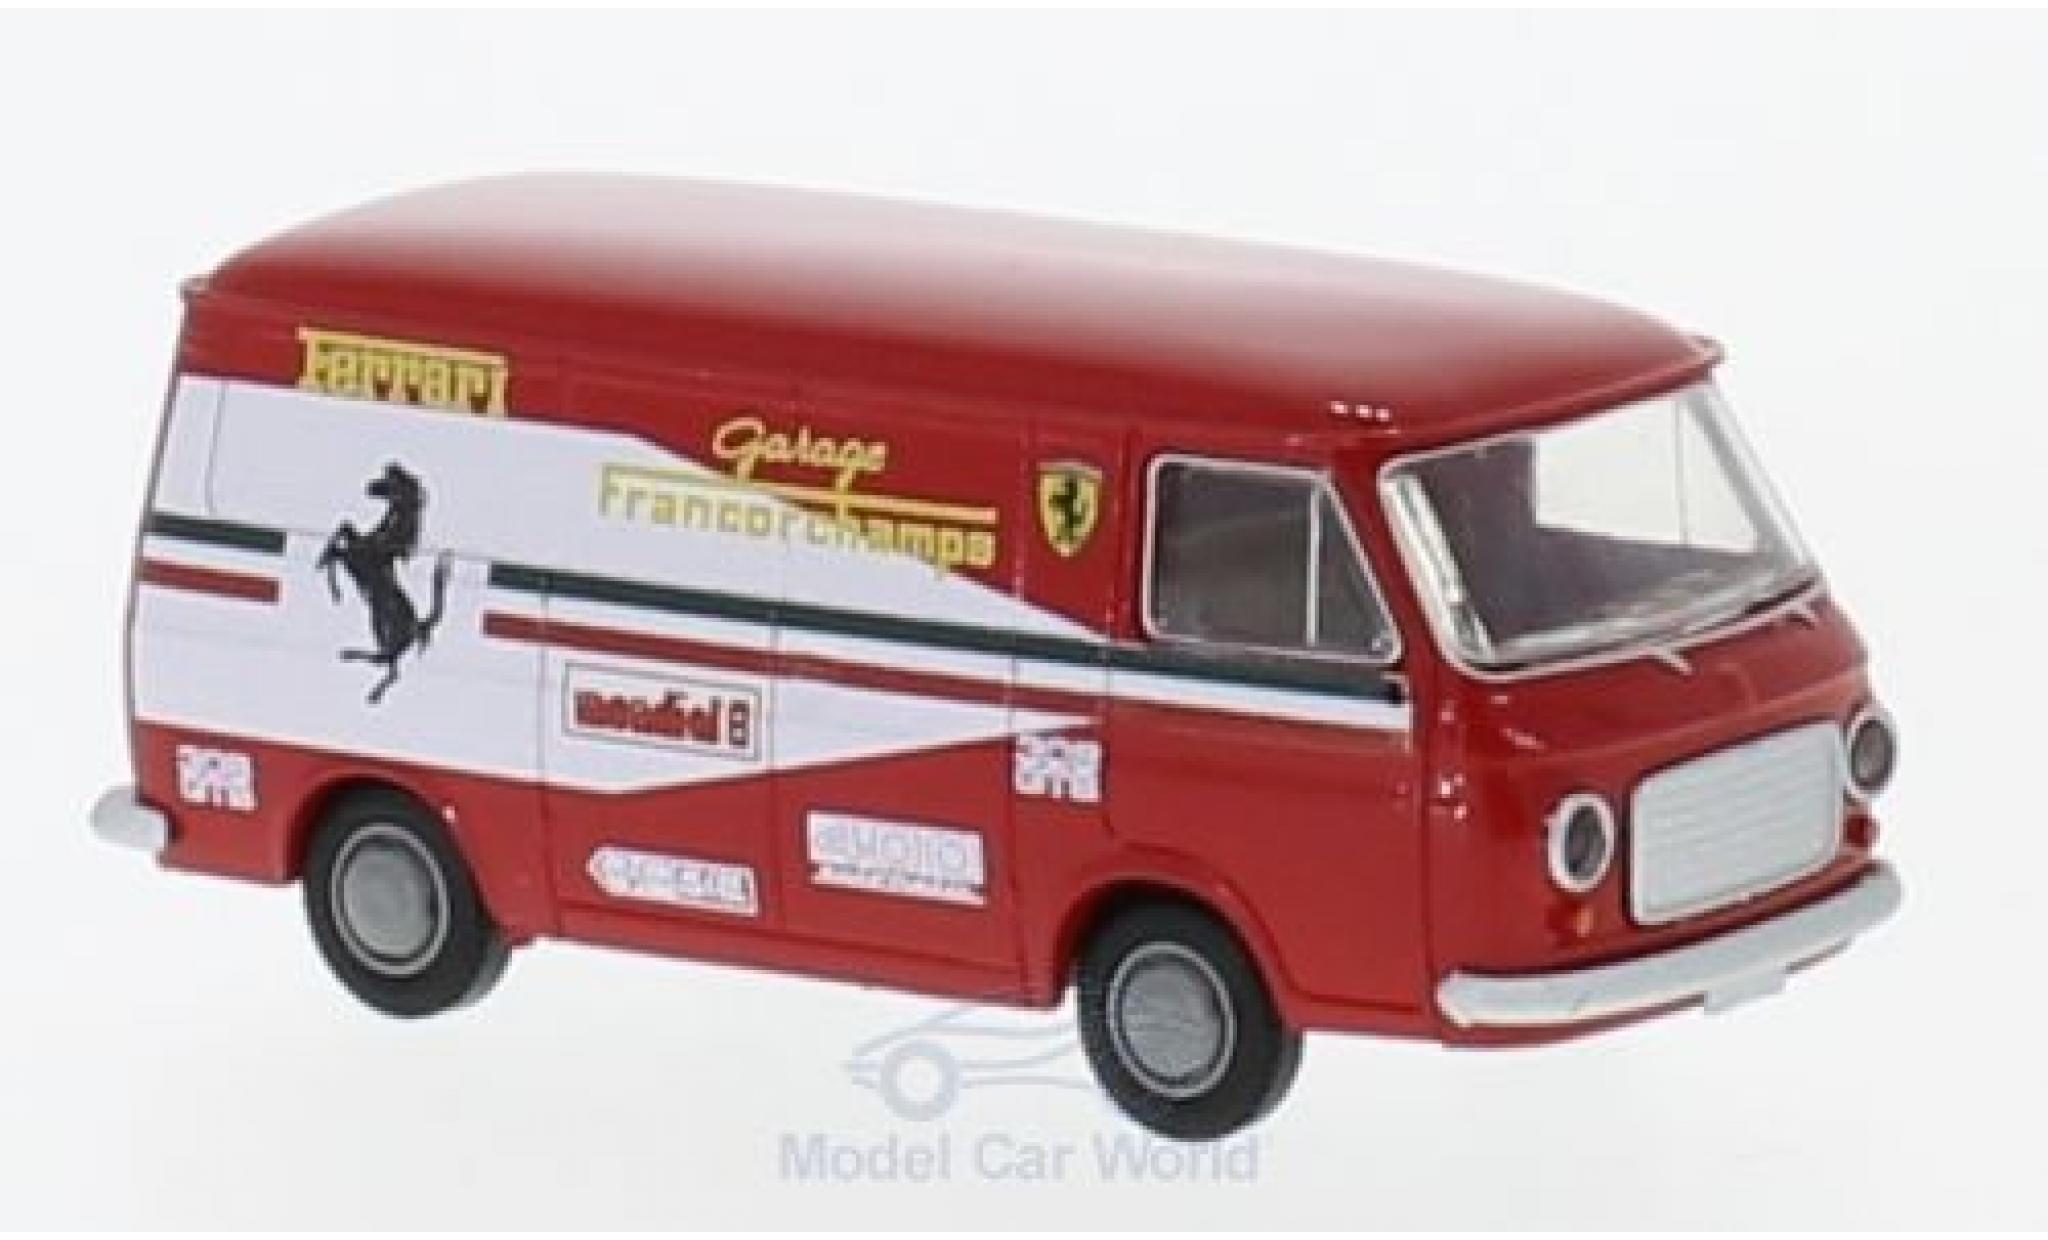 Fiat 238 1/87 Brekina Kasten Ferrari